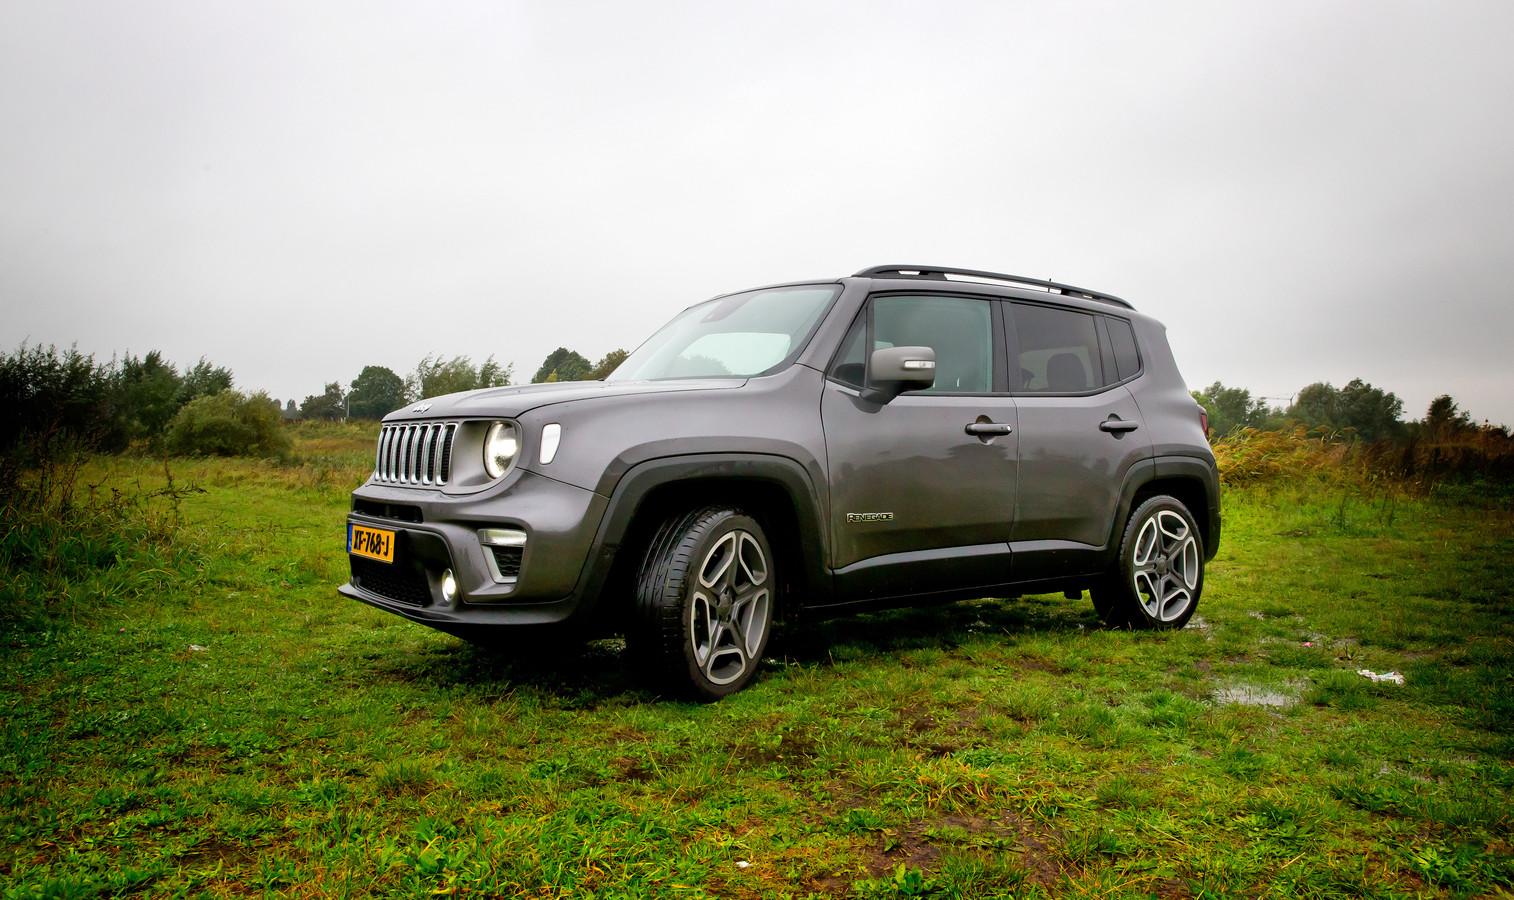 De Renegade maakt rijden met een echte Jeep betaalbaar.